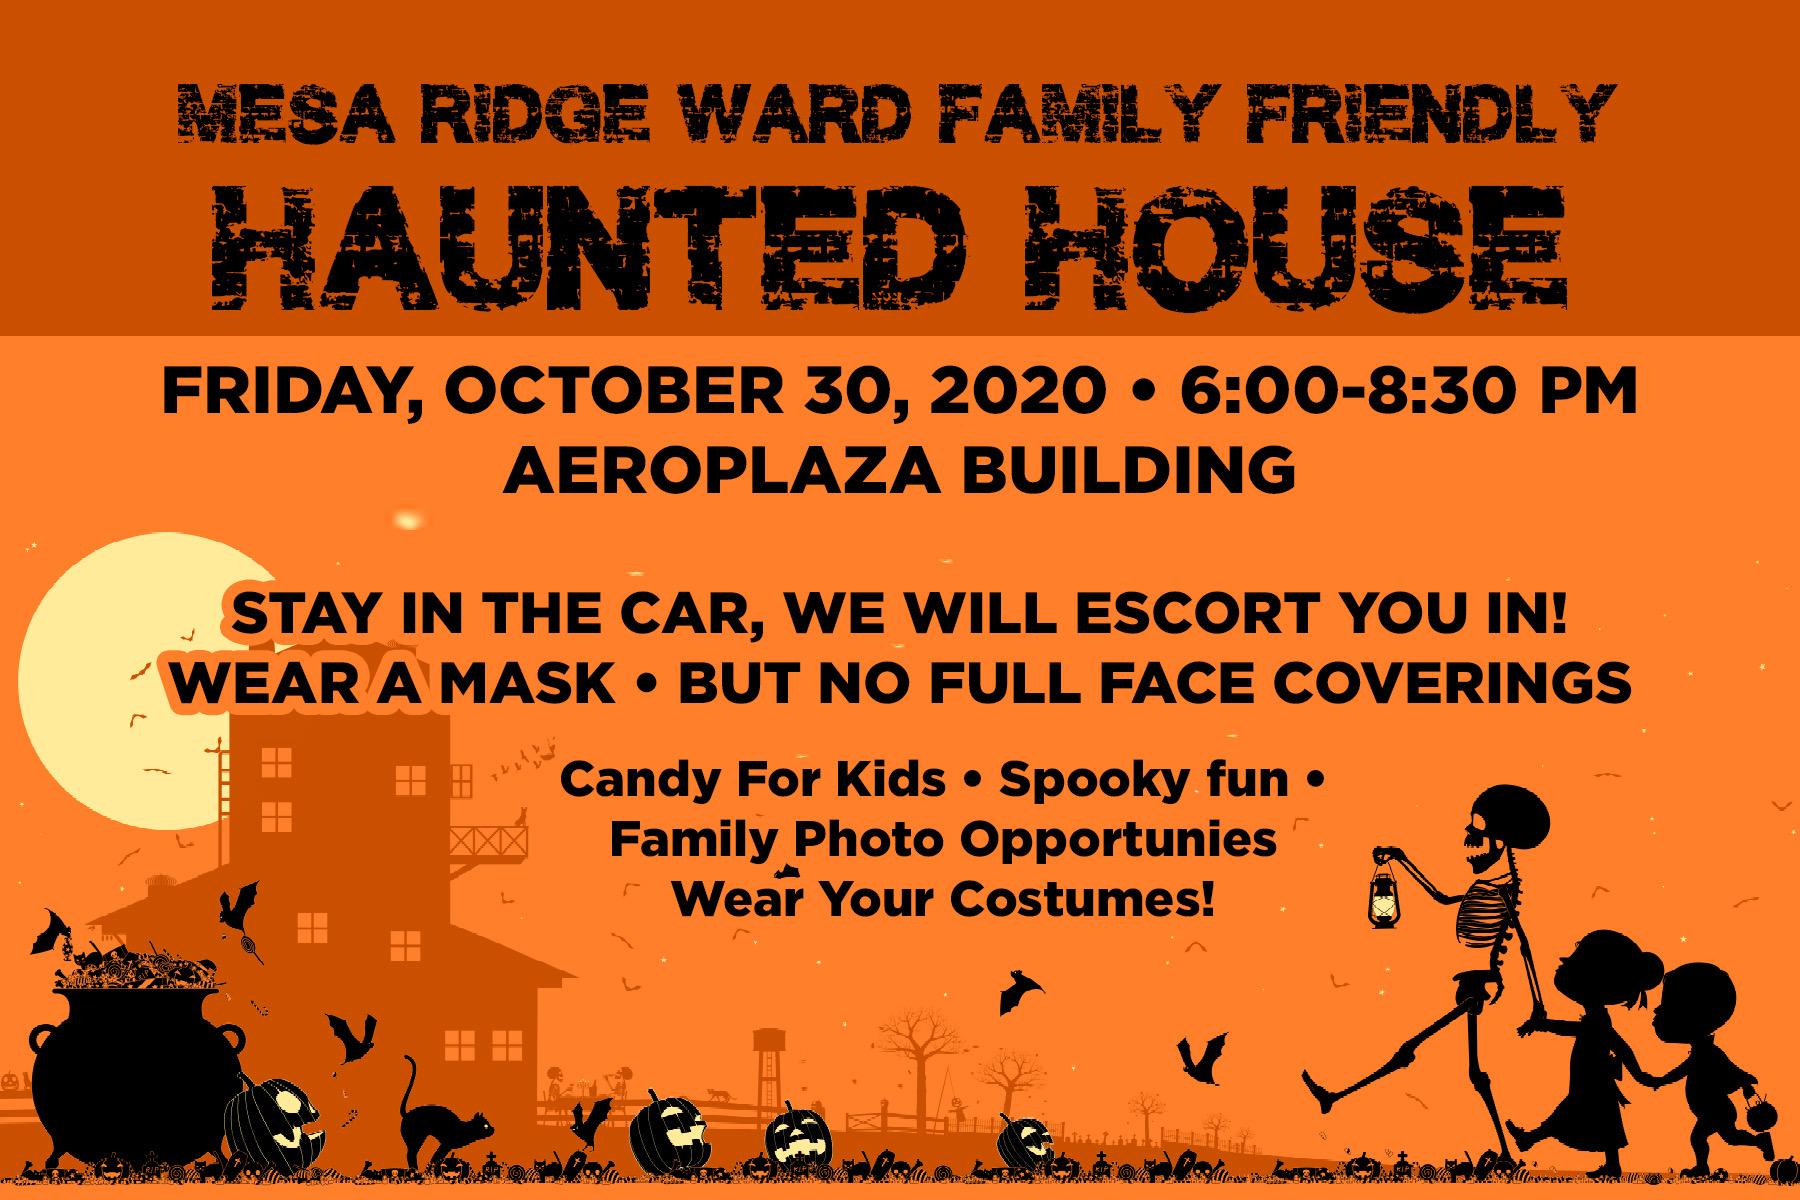 Activity Family Friendly Haunted House Mesa Ridge Ward